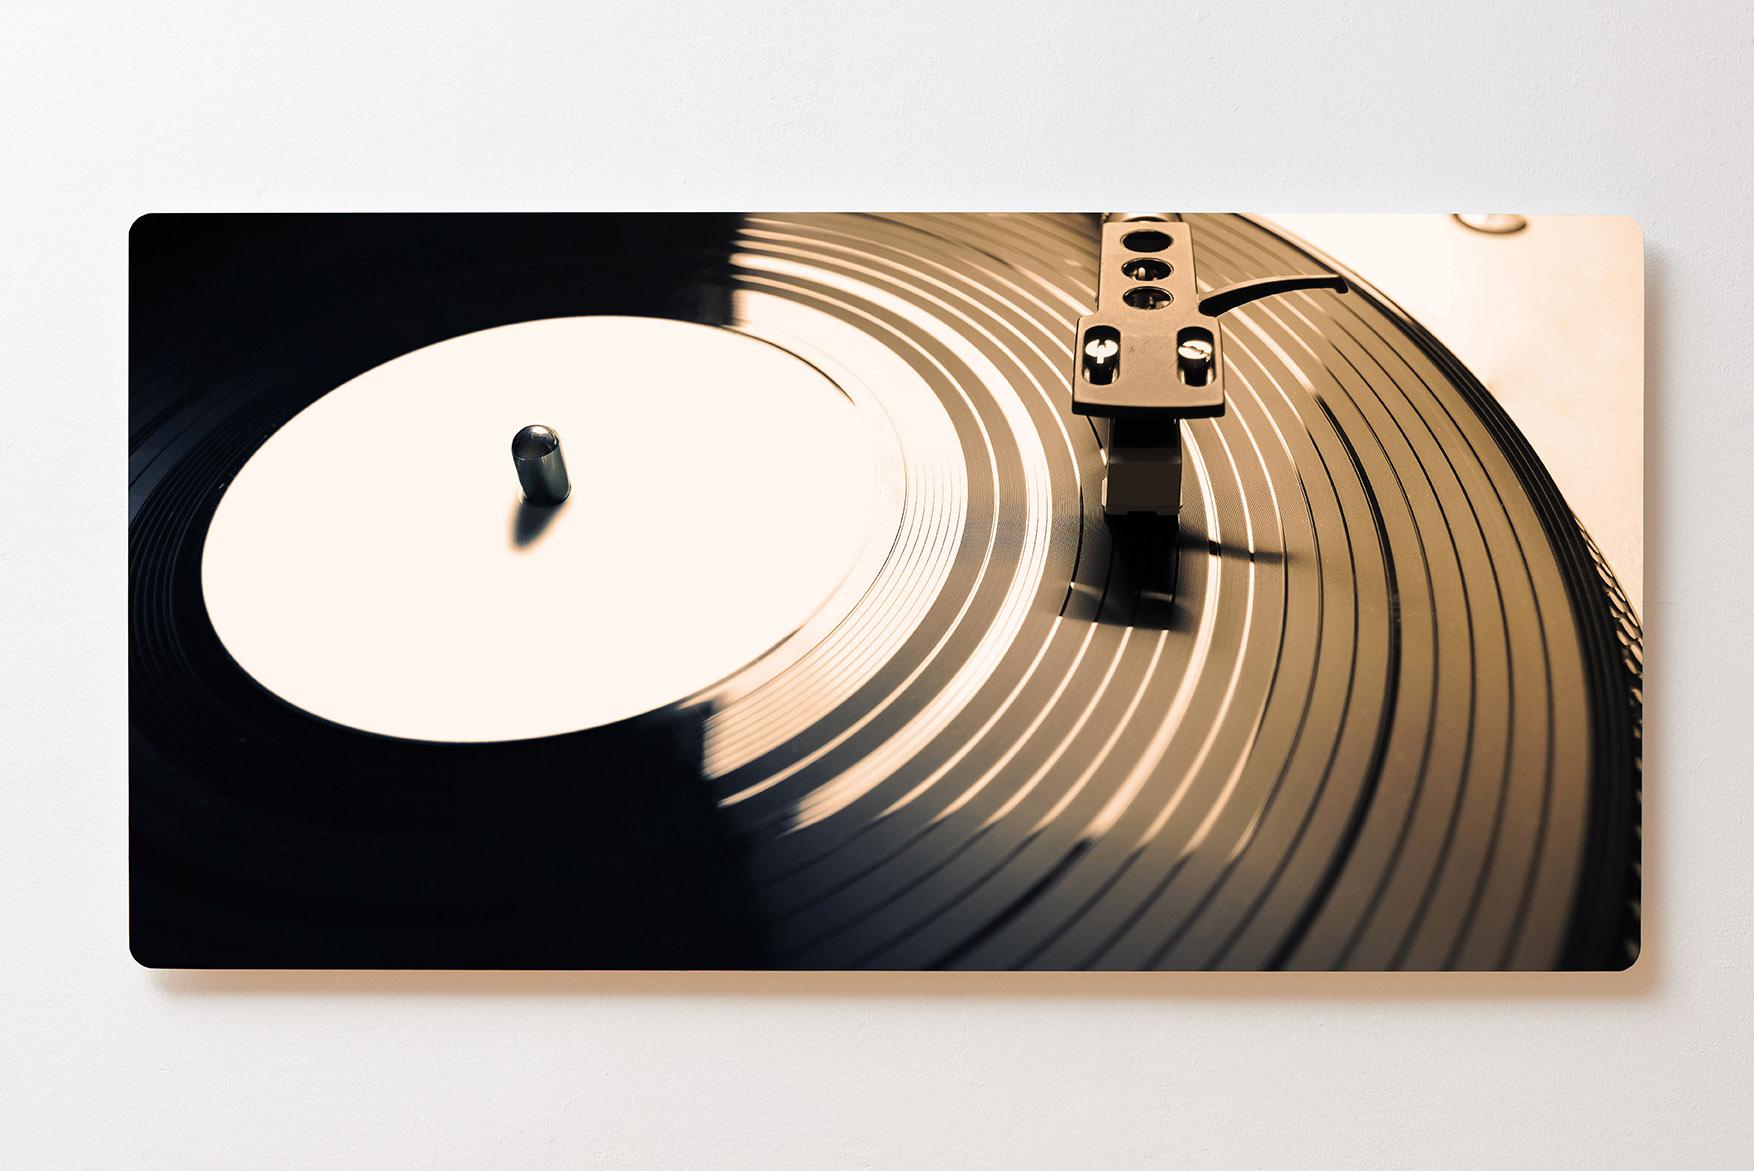 Magnettafel BACKLIGHT 120x60cm Motiv-Wandbild M108 Schallplatte Schallplattensp.